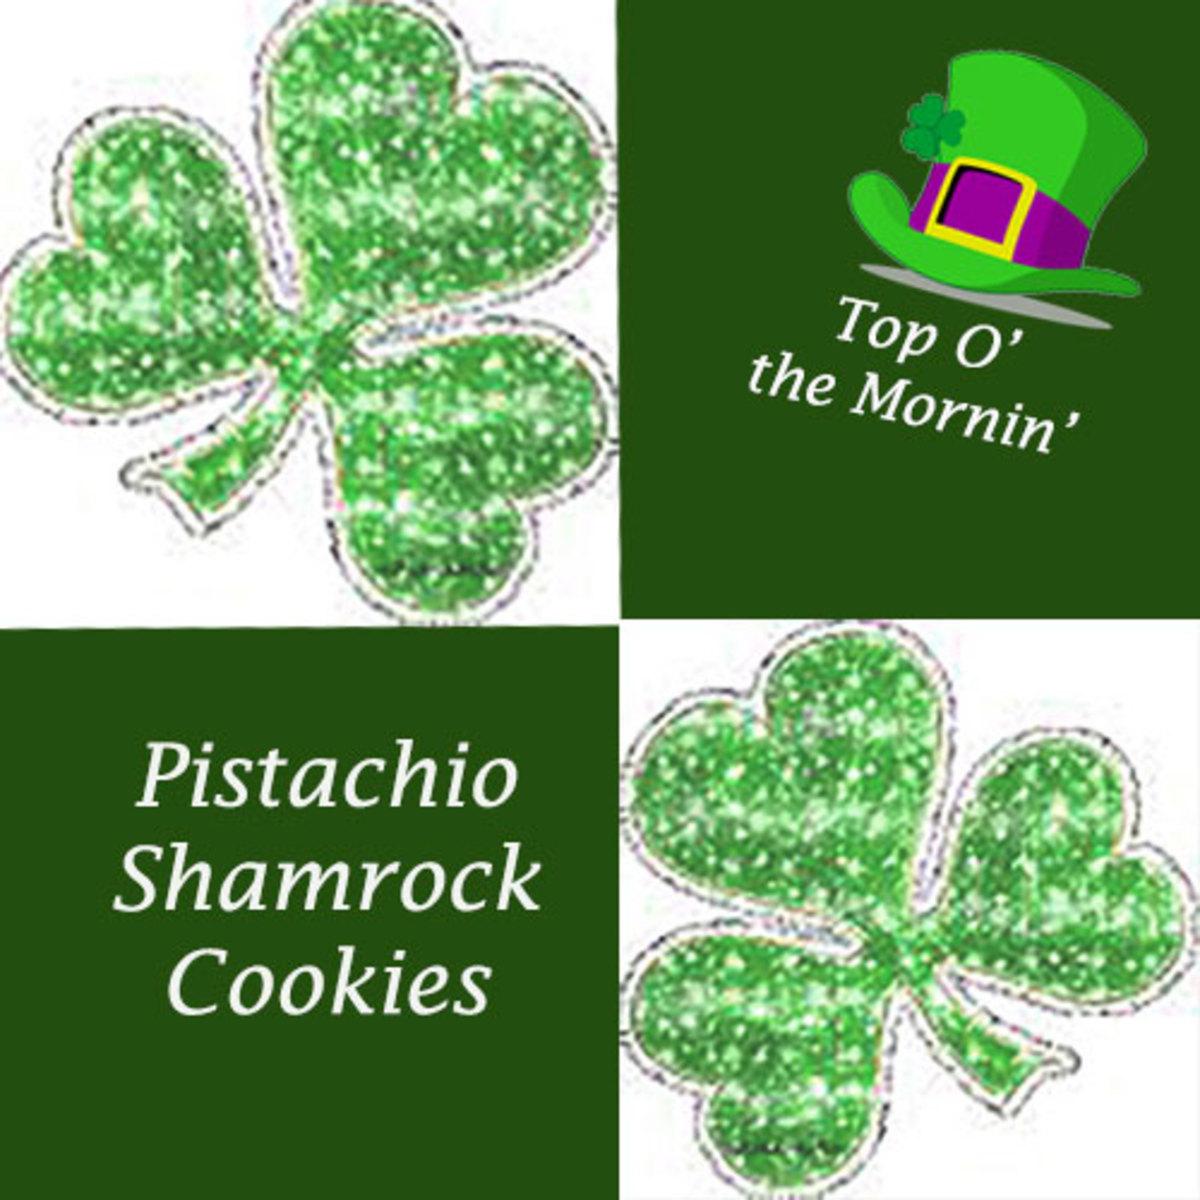 Pistachio Shamrock Cookies